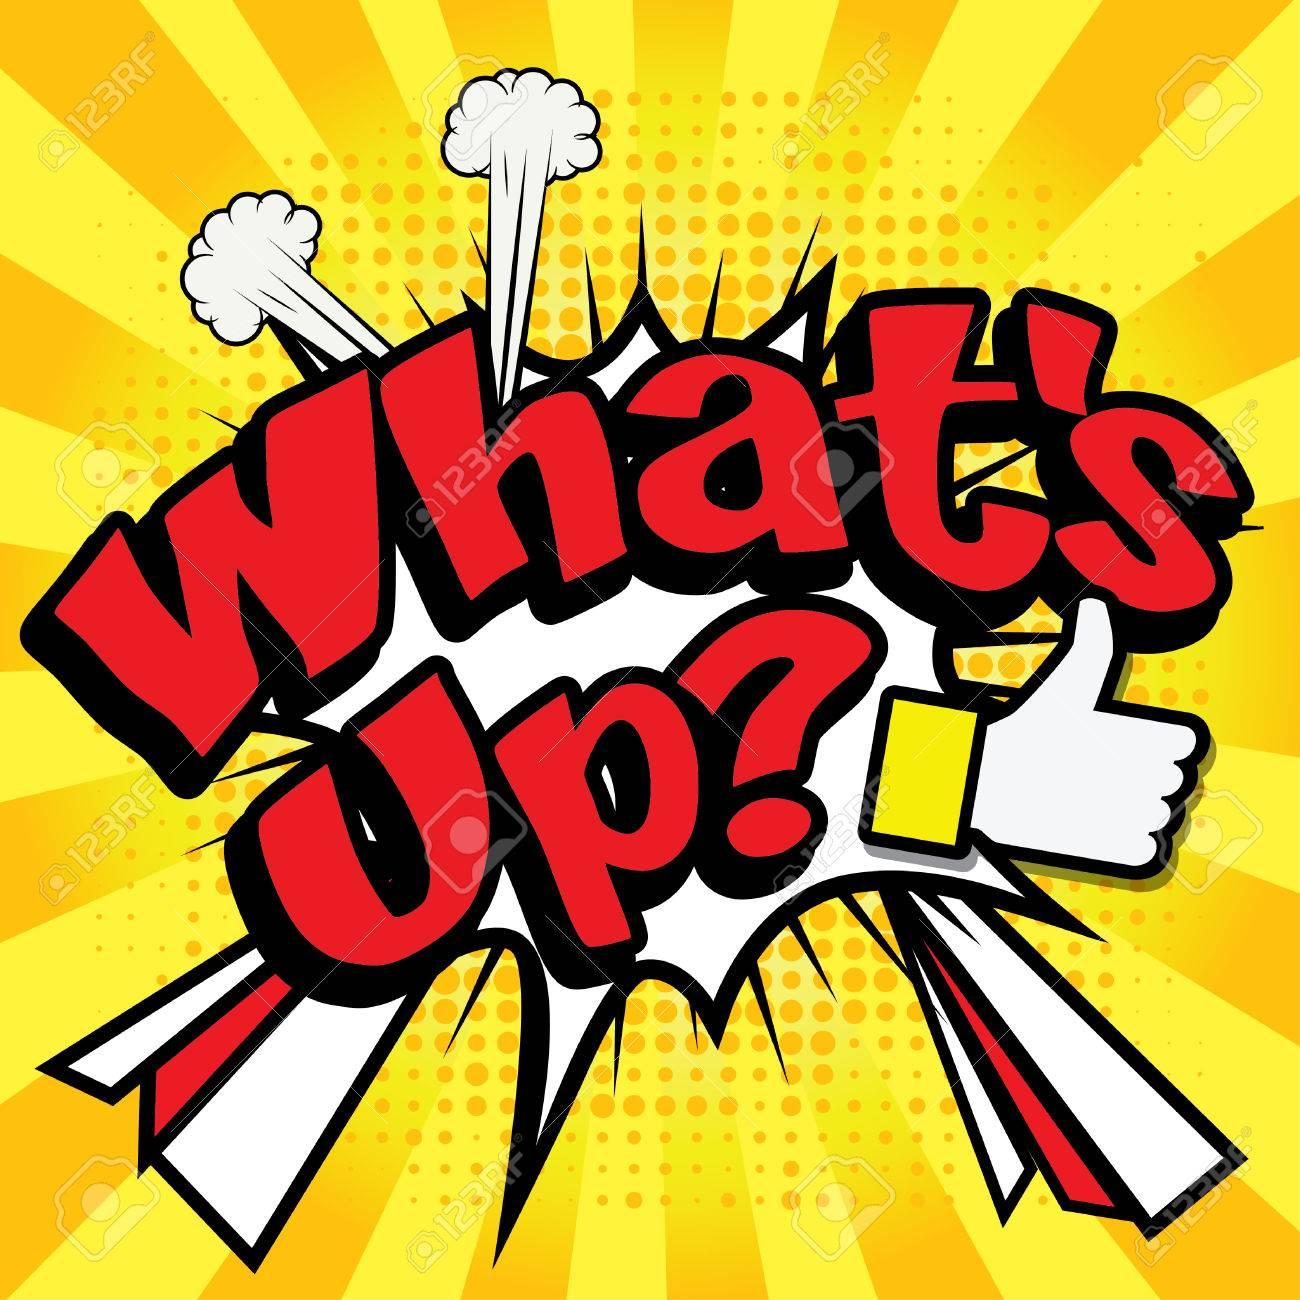 Art comics icon what's up typography - 57389451